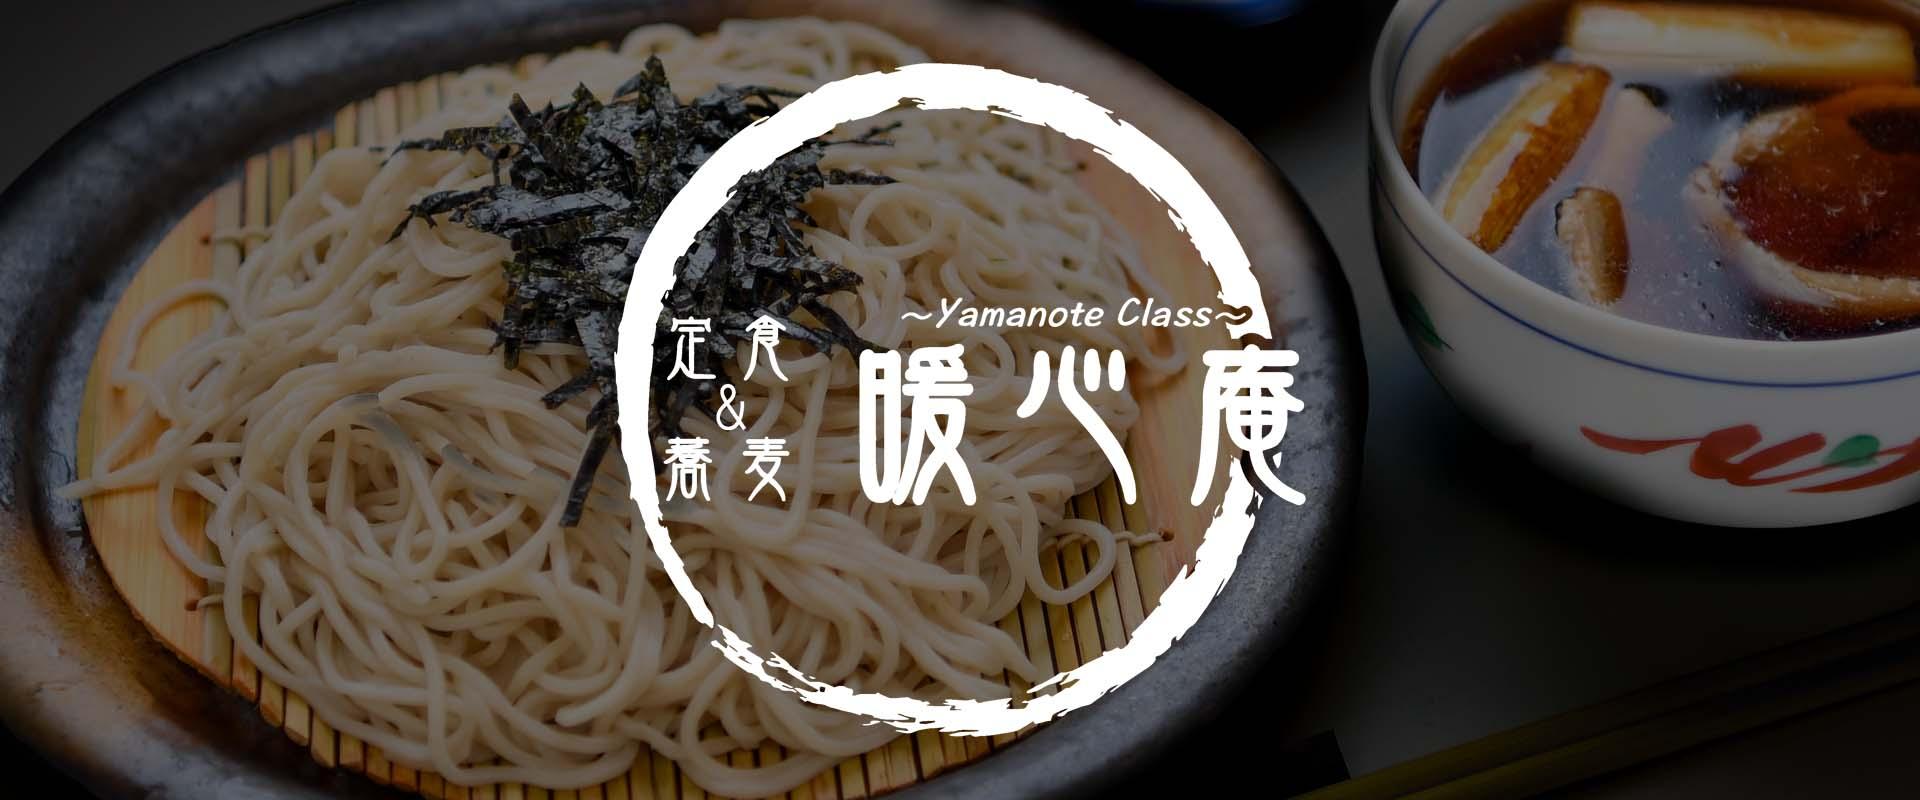 蕎麦&定食 暖心庵